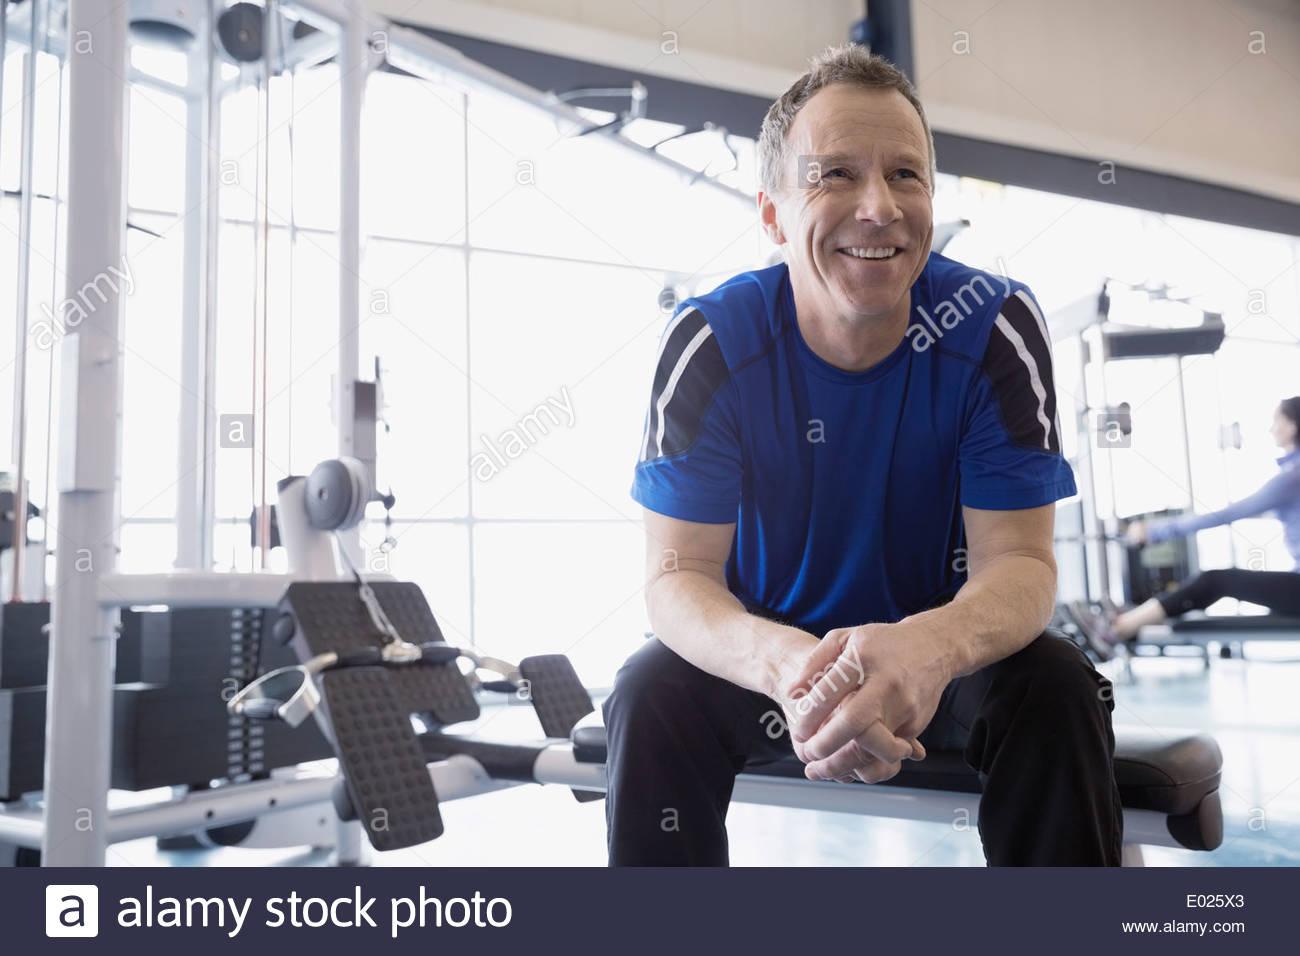 Smiling man resting at gym - Stock Image